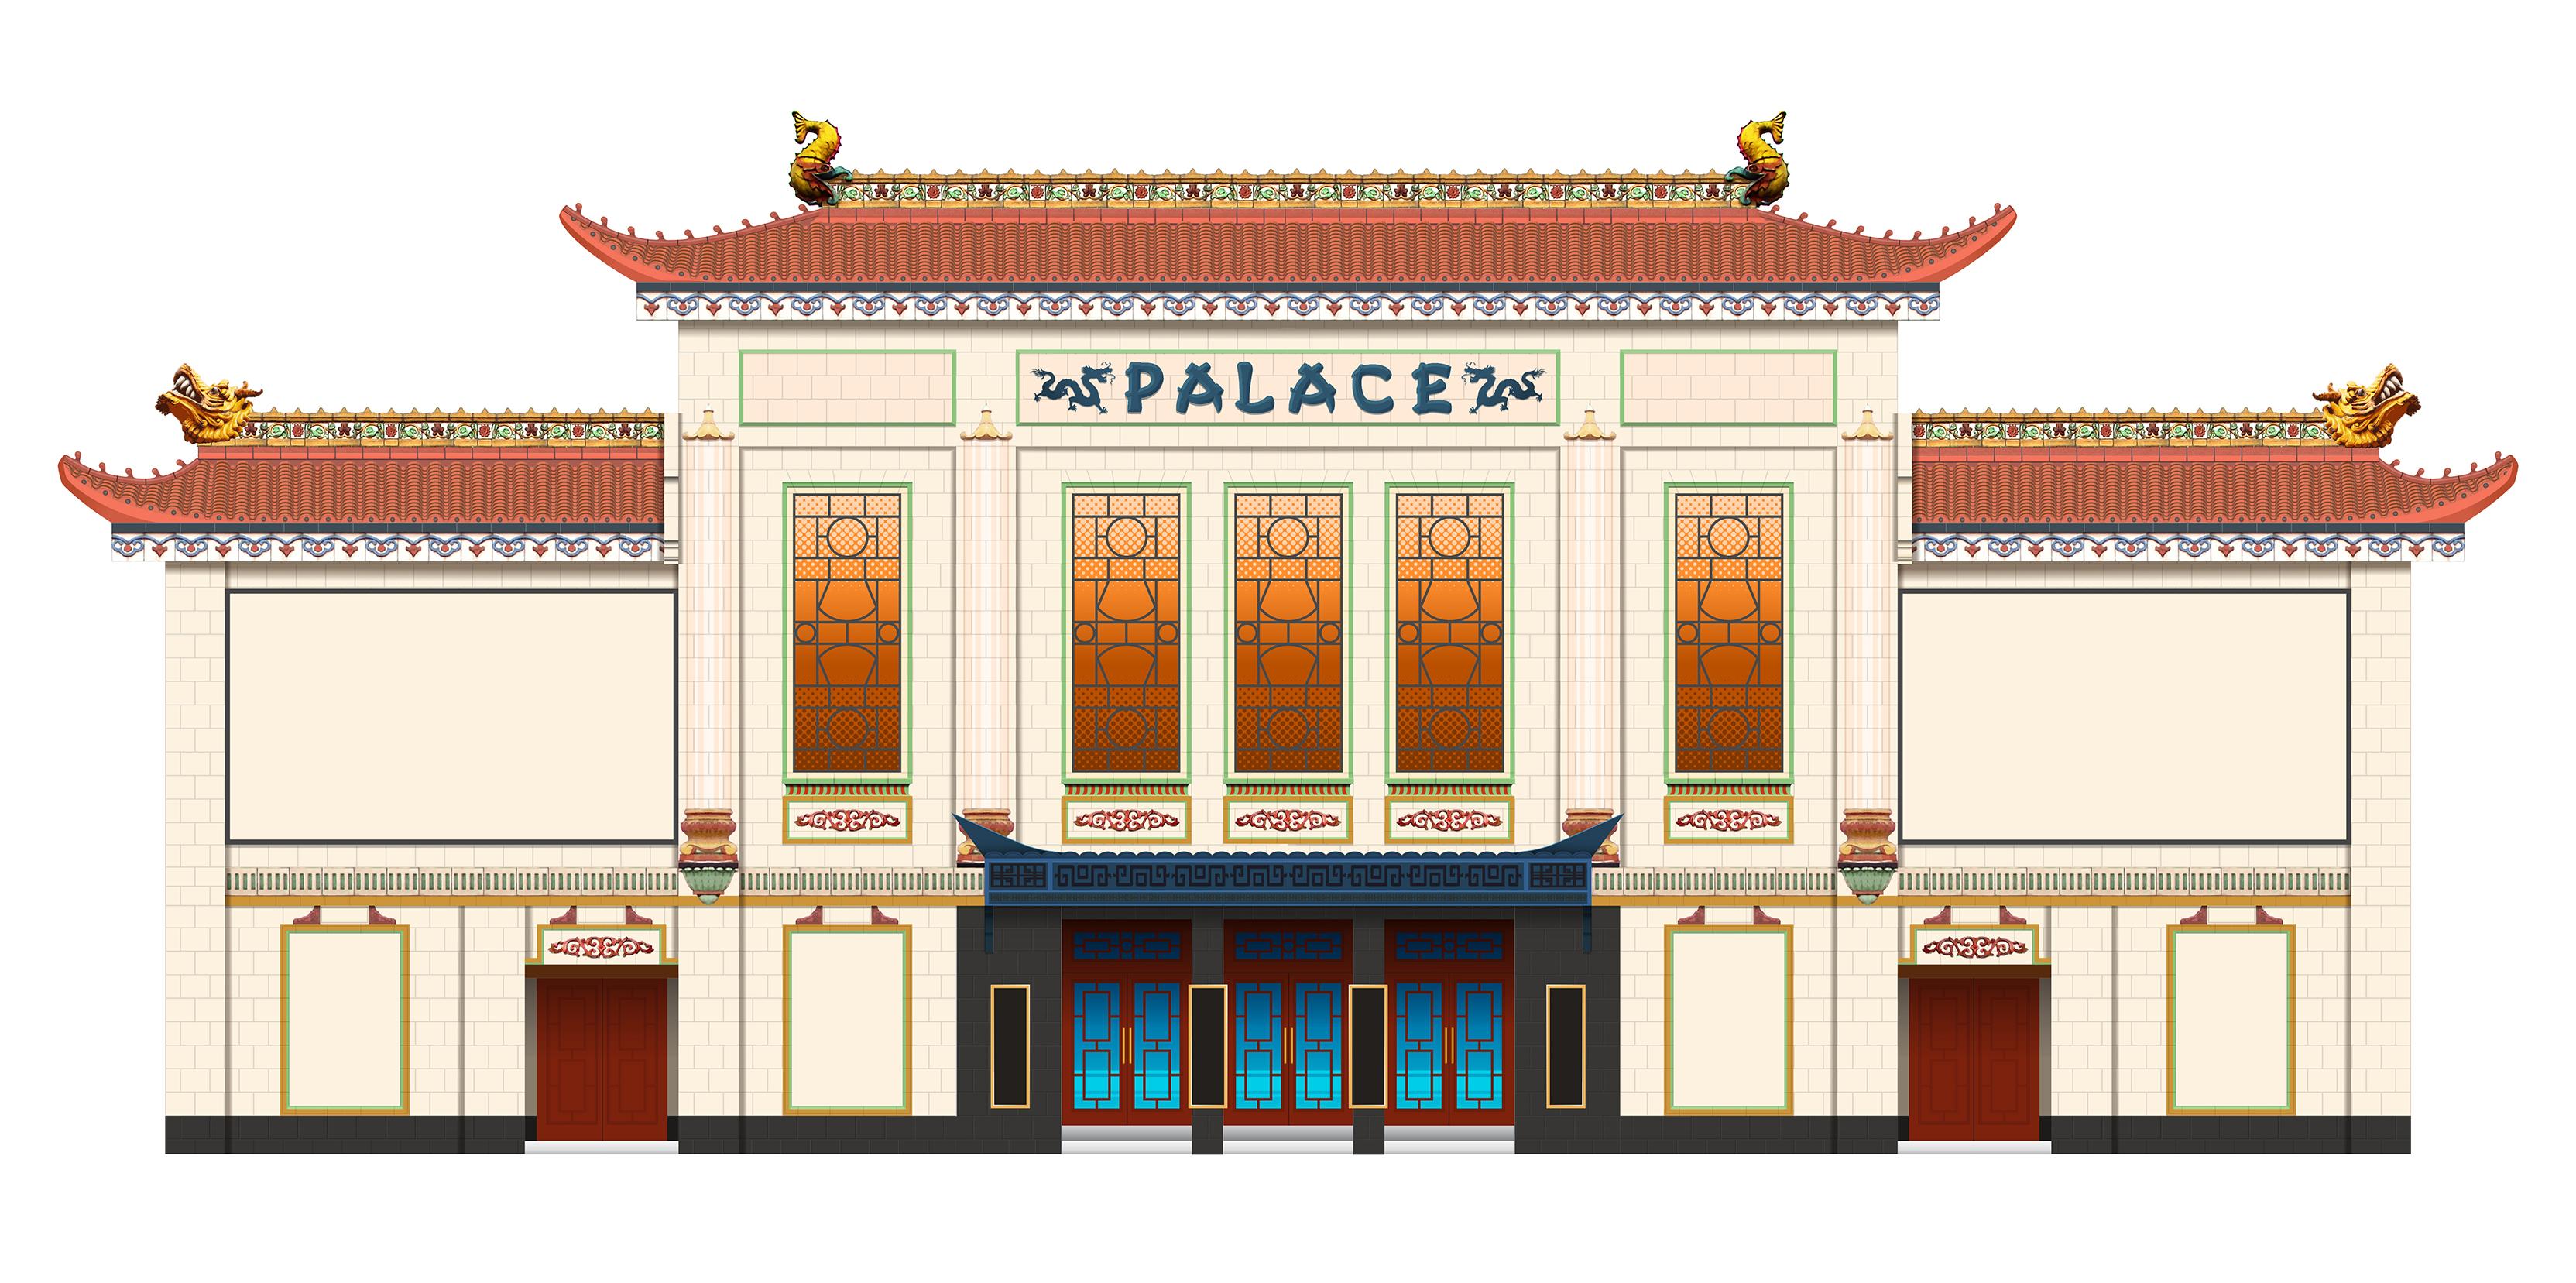 Southall Himalaya Palace Cinema